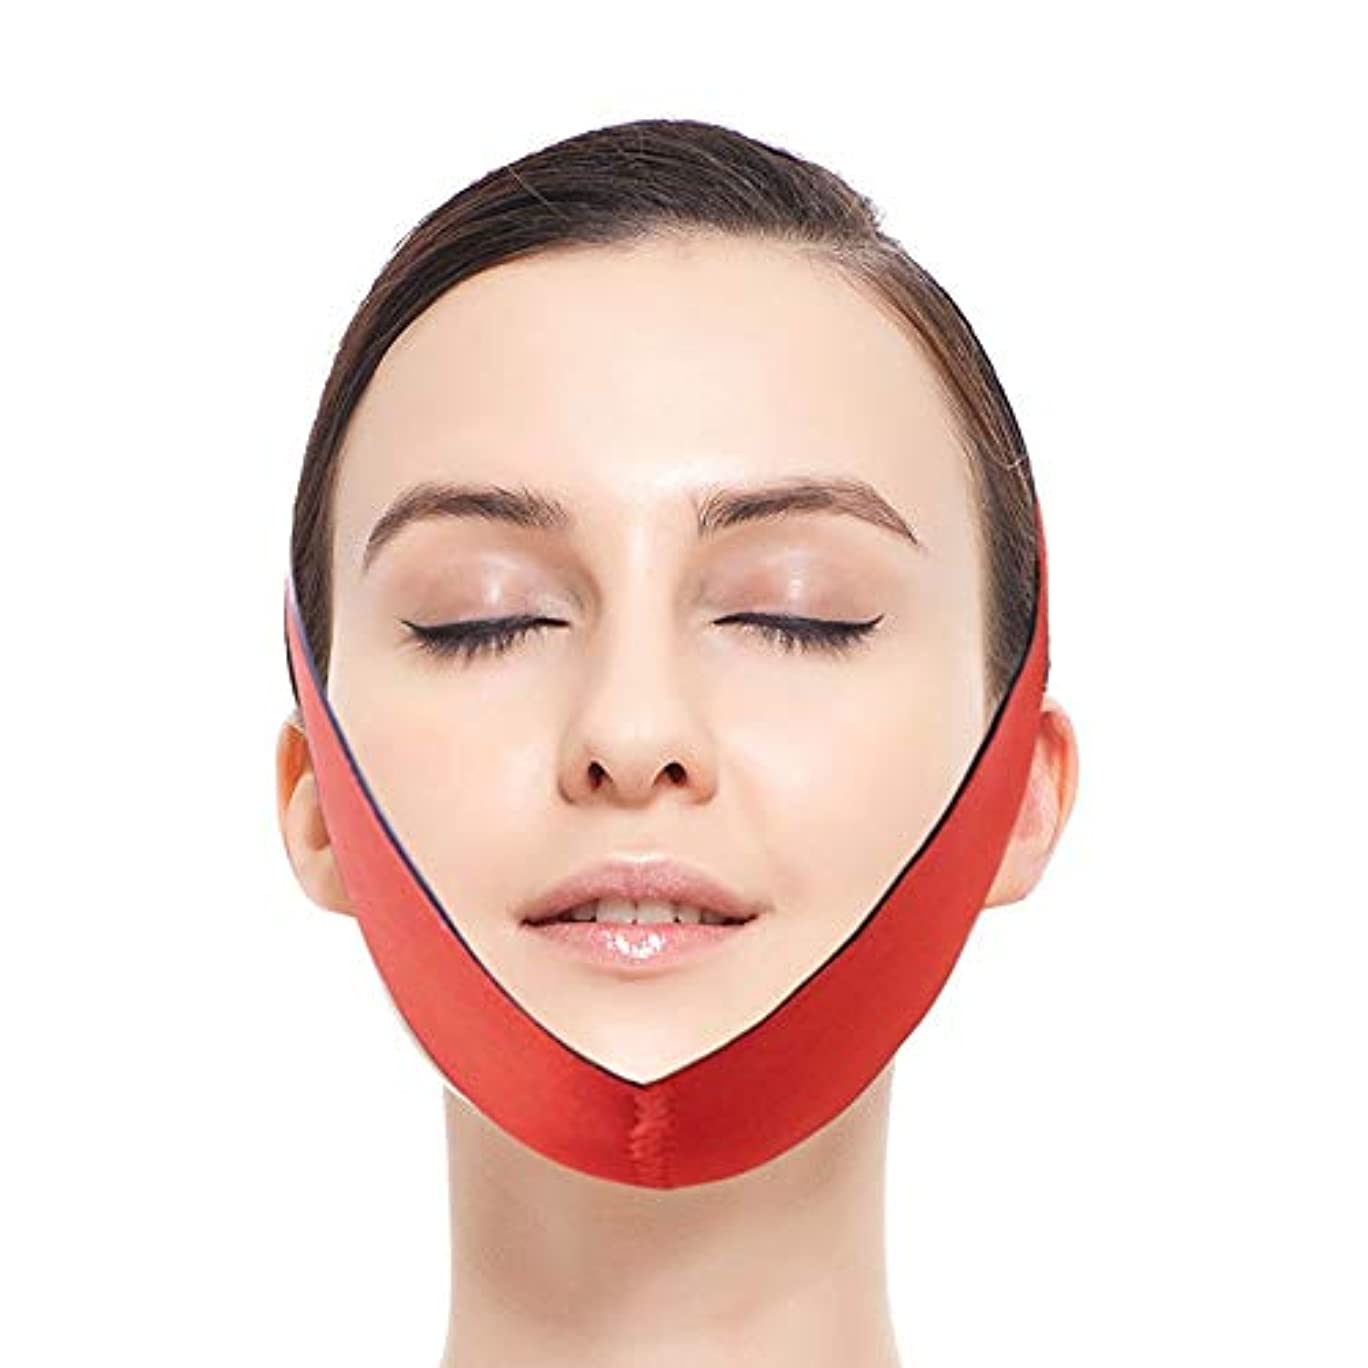 摂氏度カート割り当てますフェイスリフティングアーティファクトVフェイス包帯マスクダブルあご引き締め顔薄い咬傷筋肉下顎矯正顔